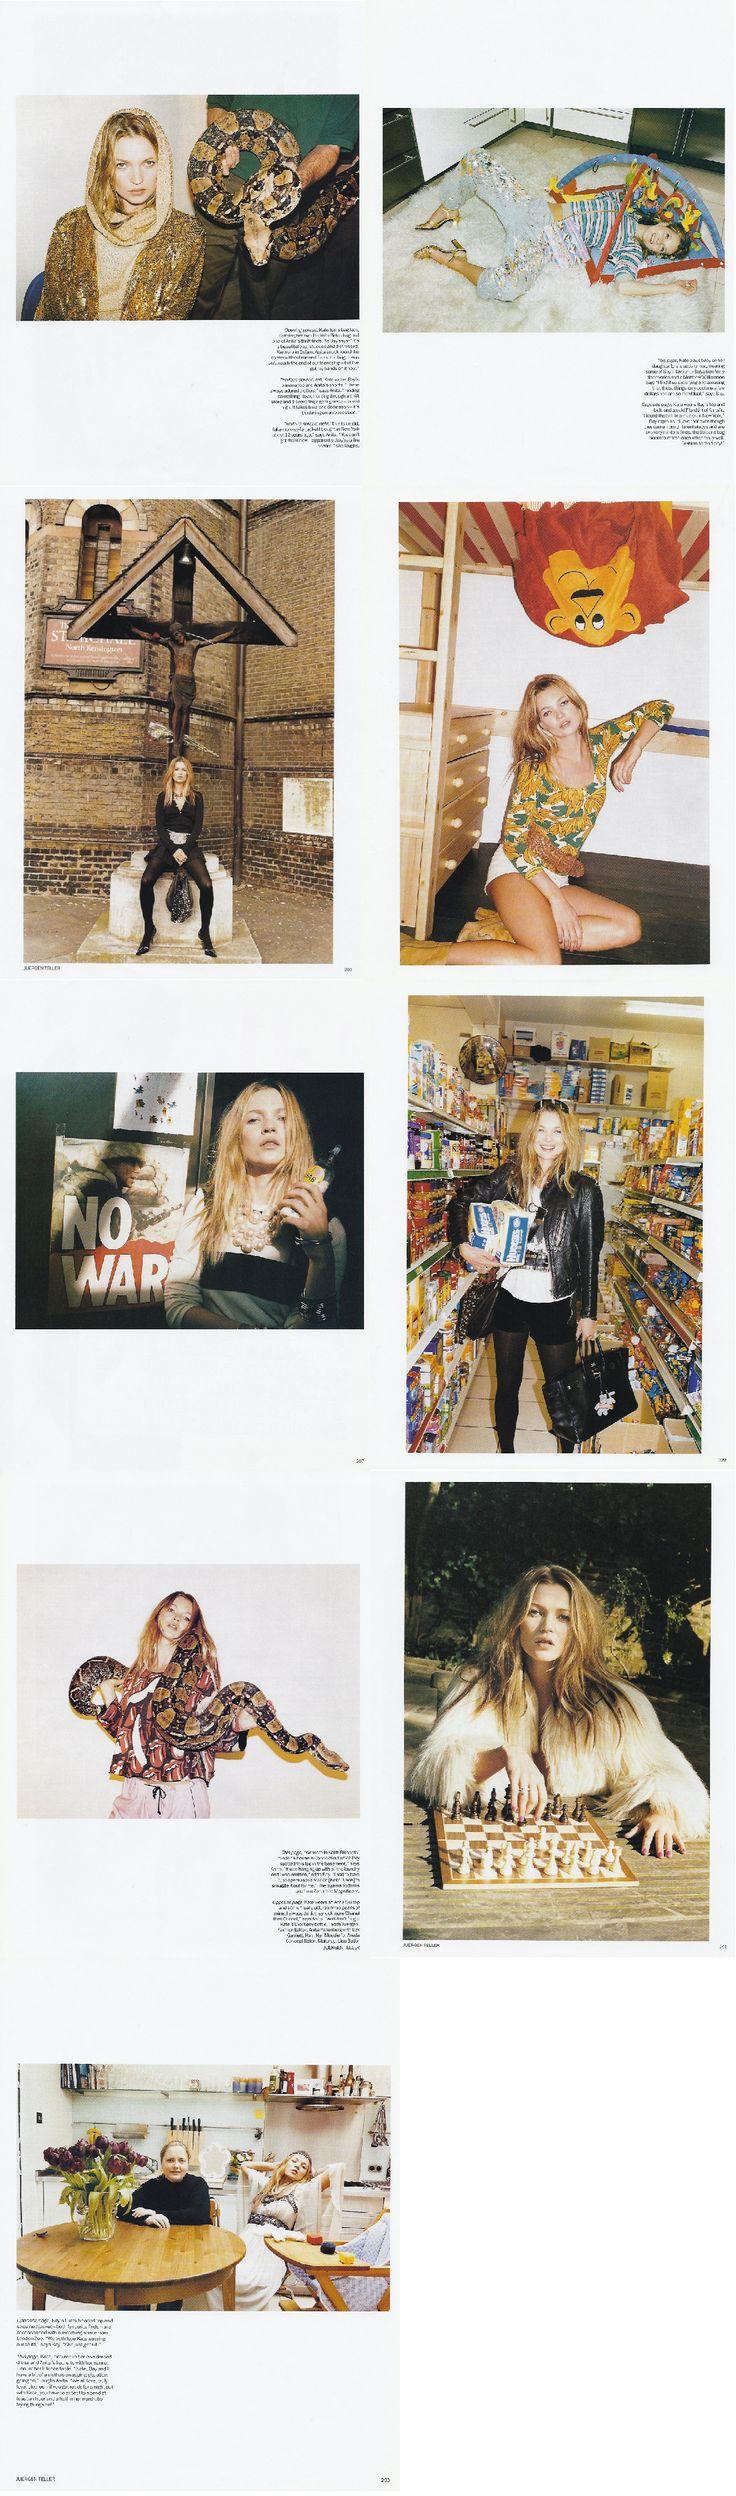 Photographer: JUERGEN TELLER MODEL:  Media: VOGUE (British) MAY 2003 ISSUE. Stylists: Anita Pallenberg & Bay Garnett